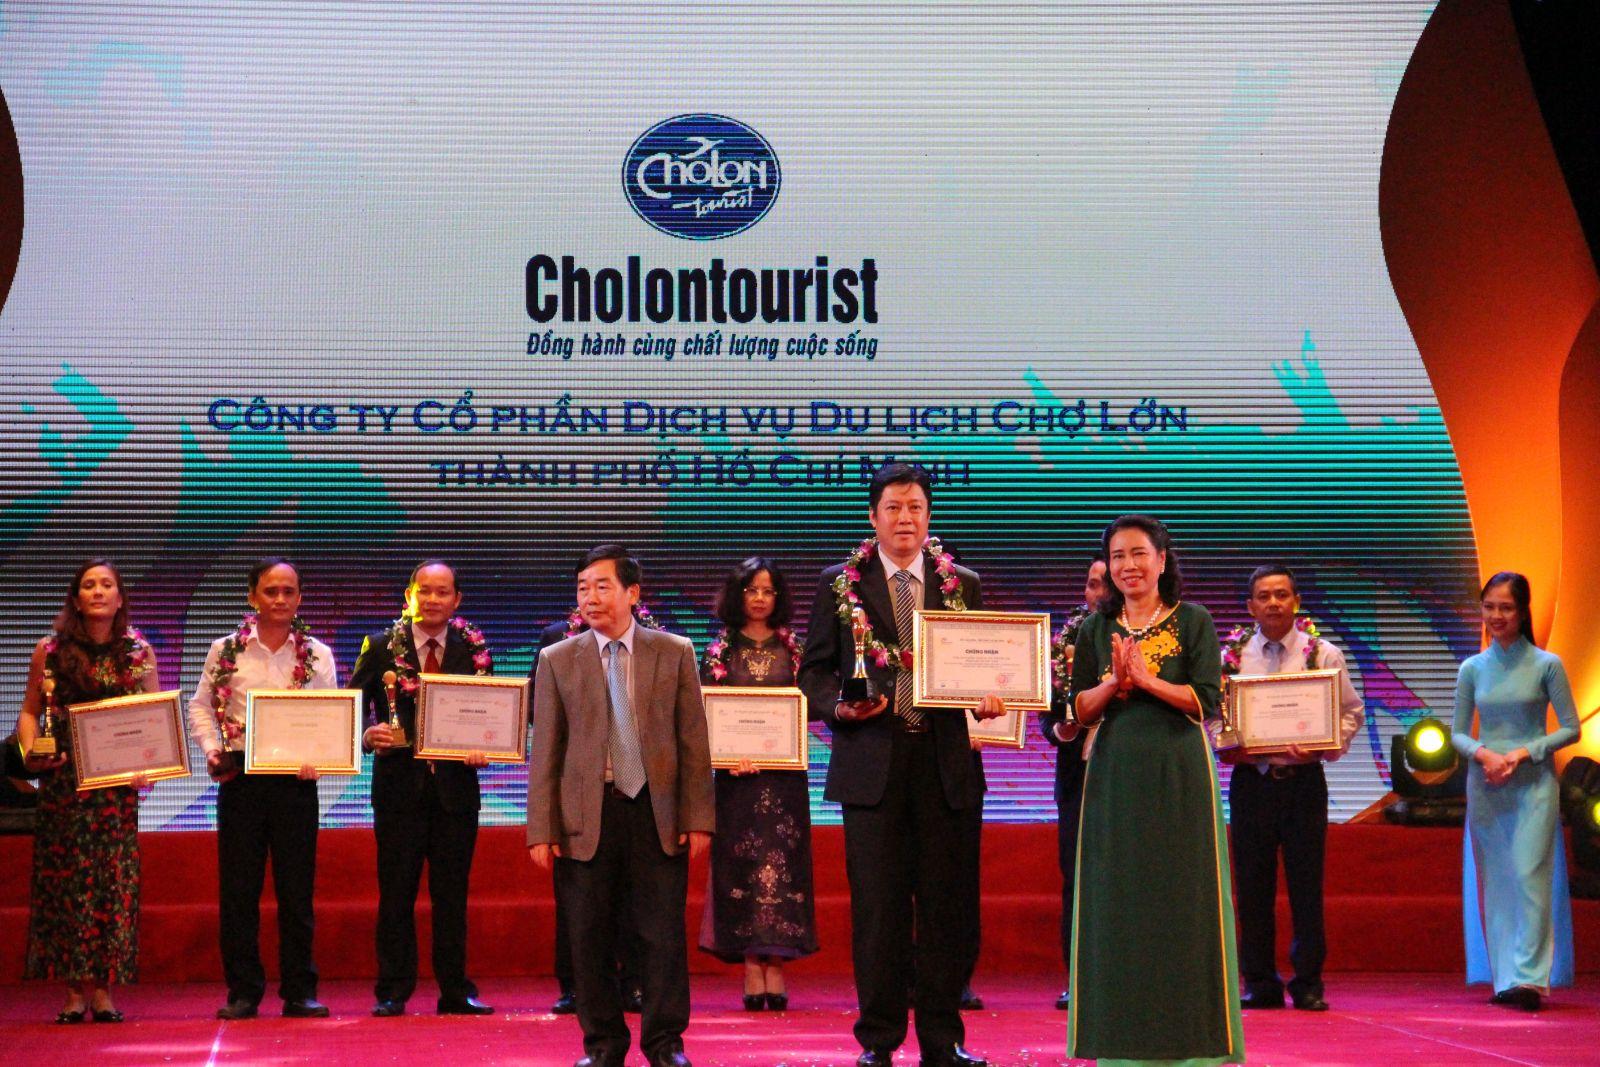 Thứ trưởng Đặng Thị Bích Liên và Phó Chủ nhiệm Ủy ban Văn hóa, Giáo dục, Thanh niên, Thiếu niên và Nhi đồng của Quốc hội Nguyễn Văn Tuyết trao tặng giải thưởng Doanh nghiệp kinh doanh lữ hành nội địa hàng đầu Việt Nam năm 2017